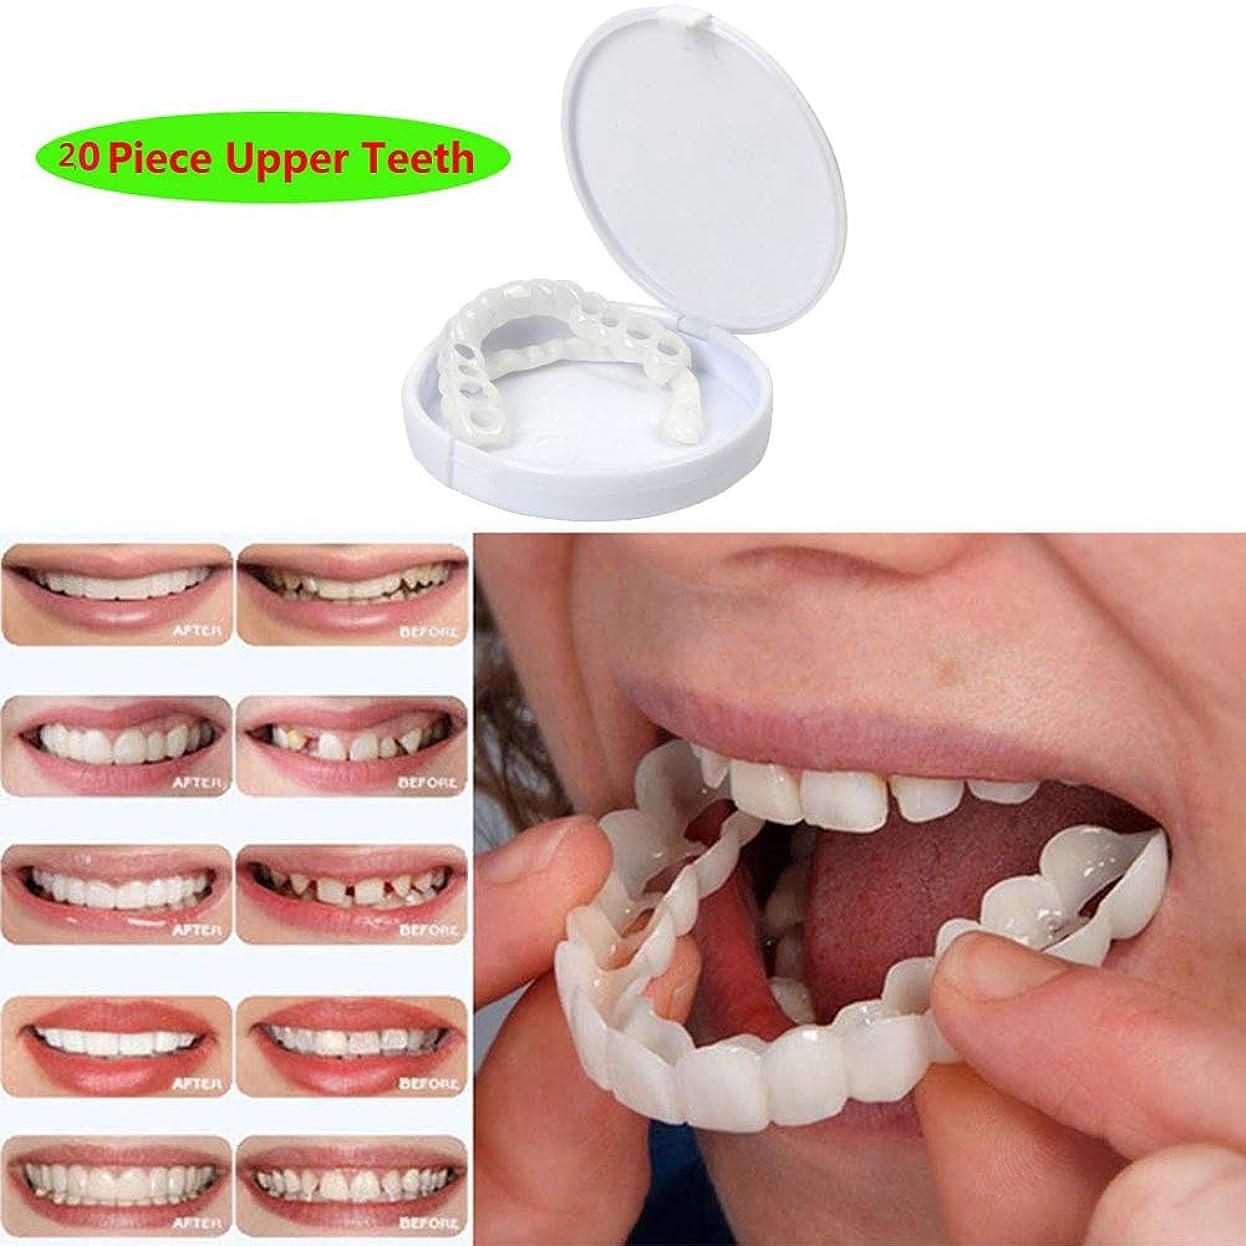 動揺させるエンゲージメント結び目20Pcs一時的な化粧品の歯の義歯の化粧品は白くなることを模倣した上括弧を模倣しました